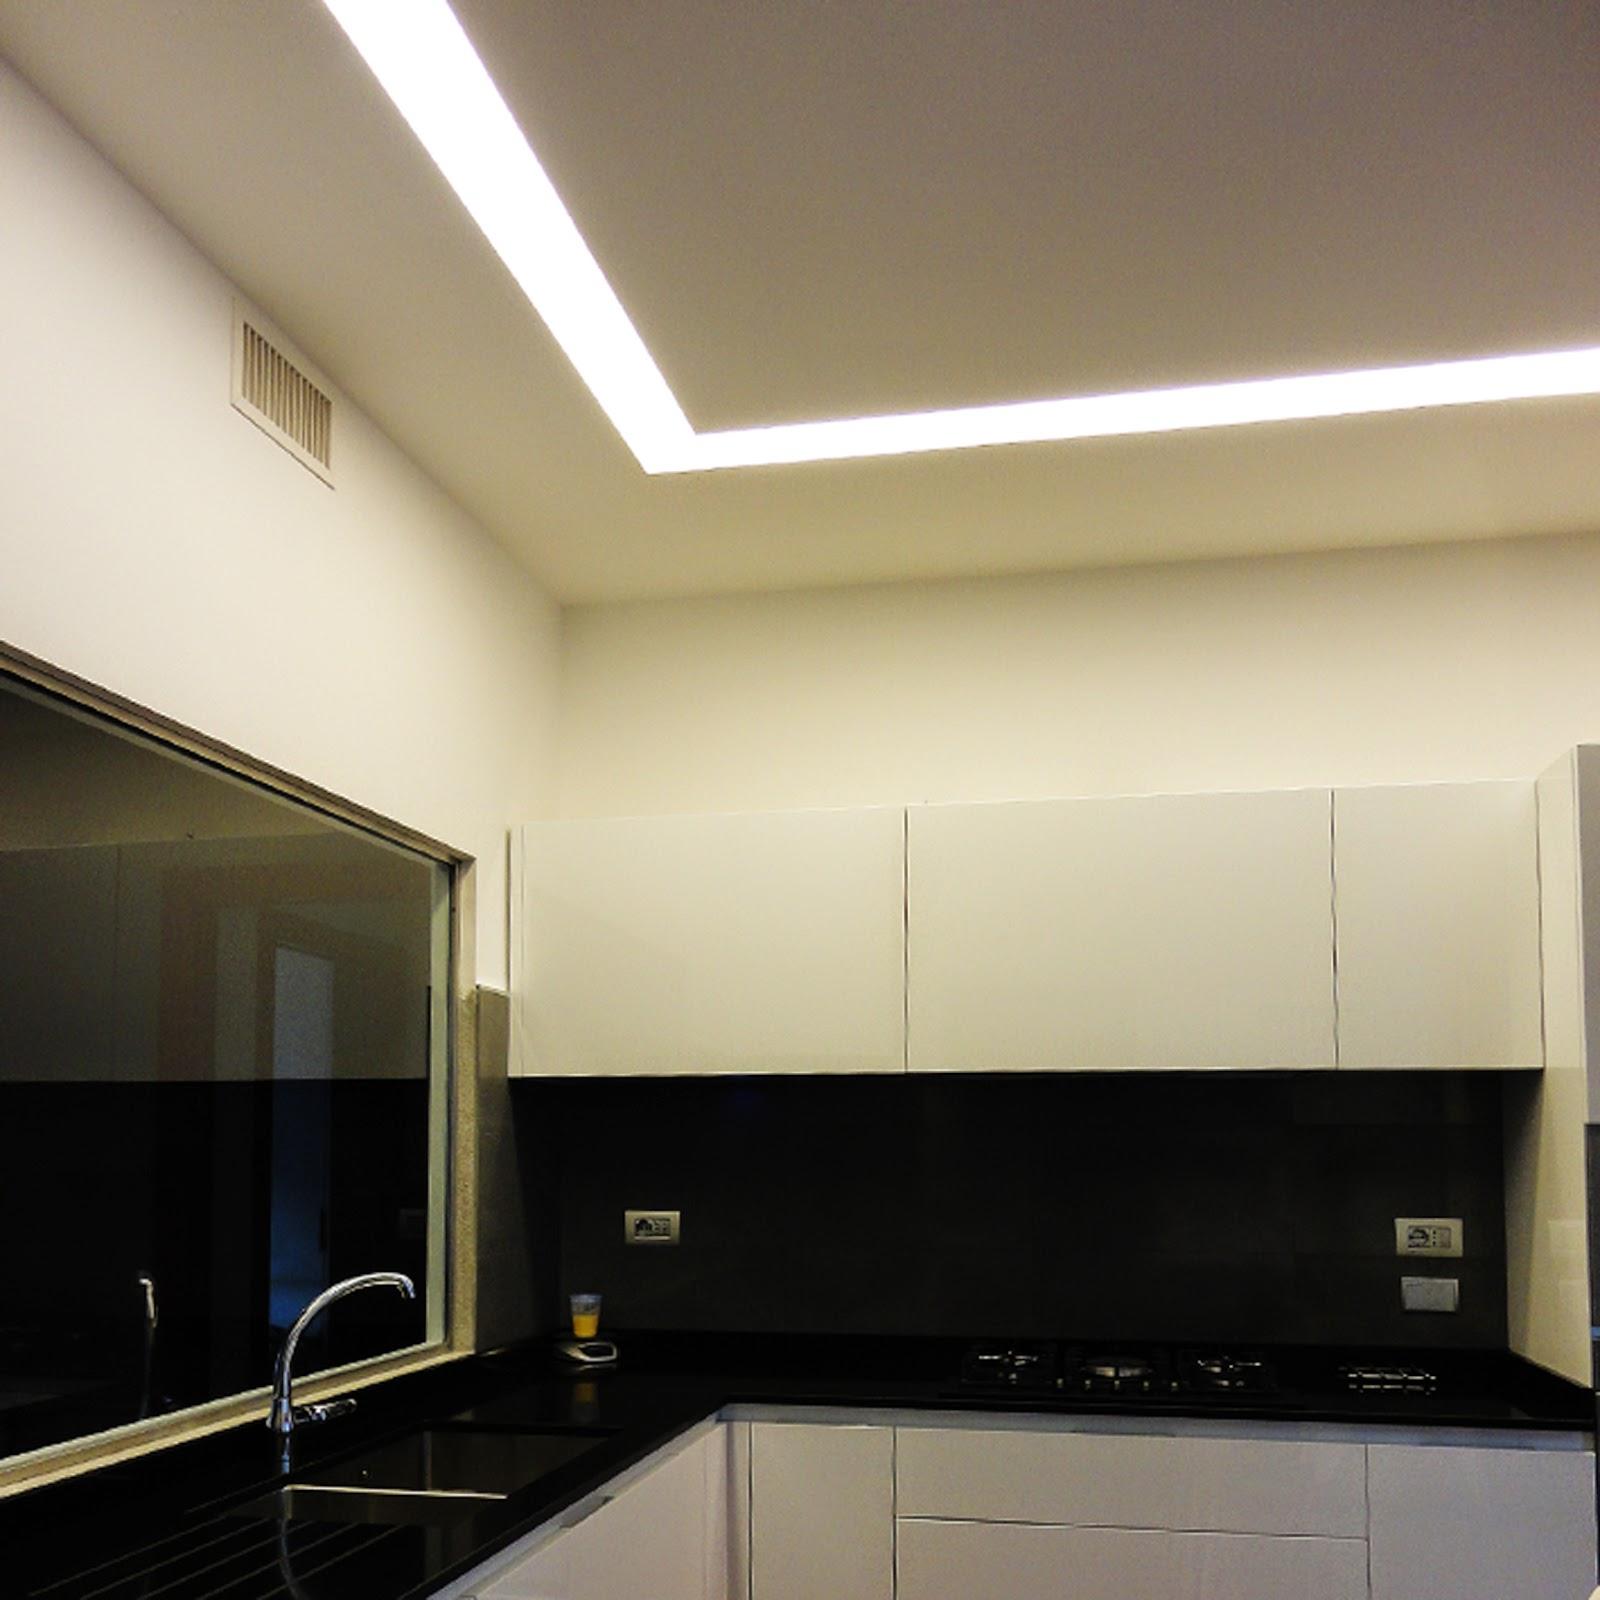 per tagli di luce a soffitto a scomparsa grazie anche ad un sistema di ...